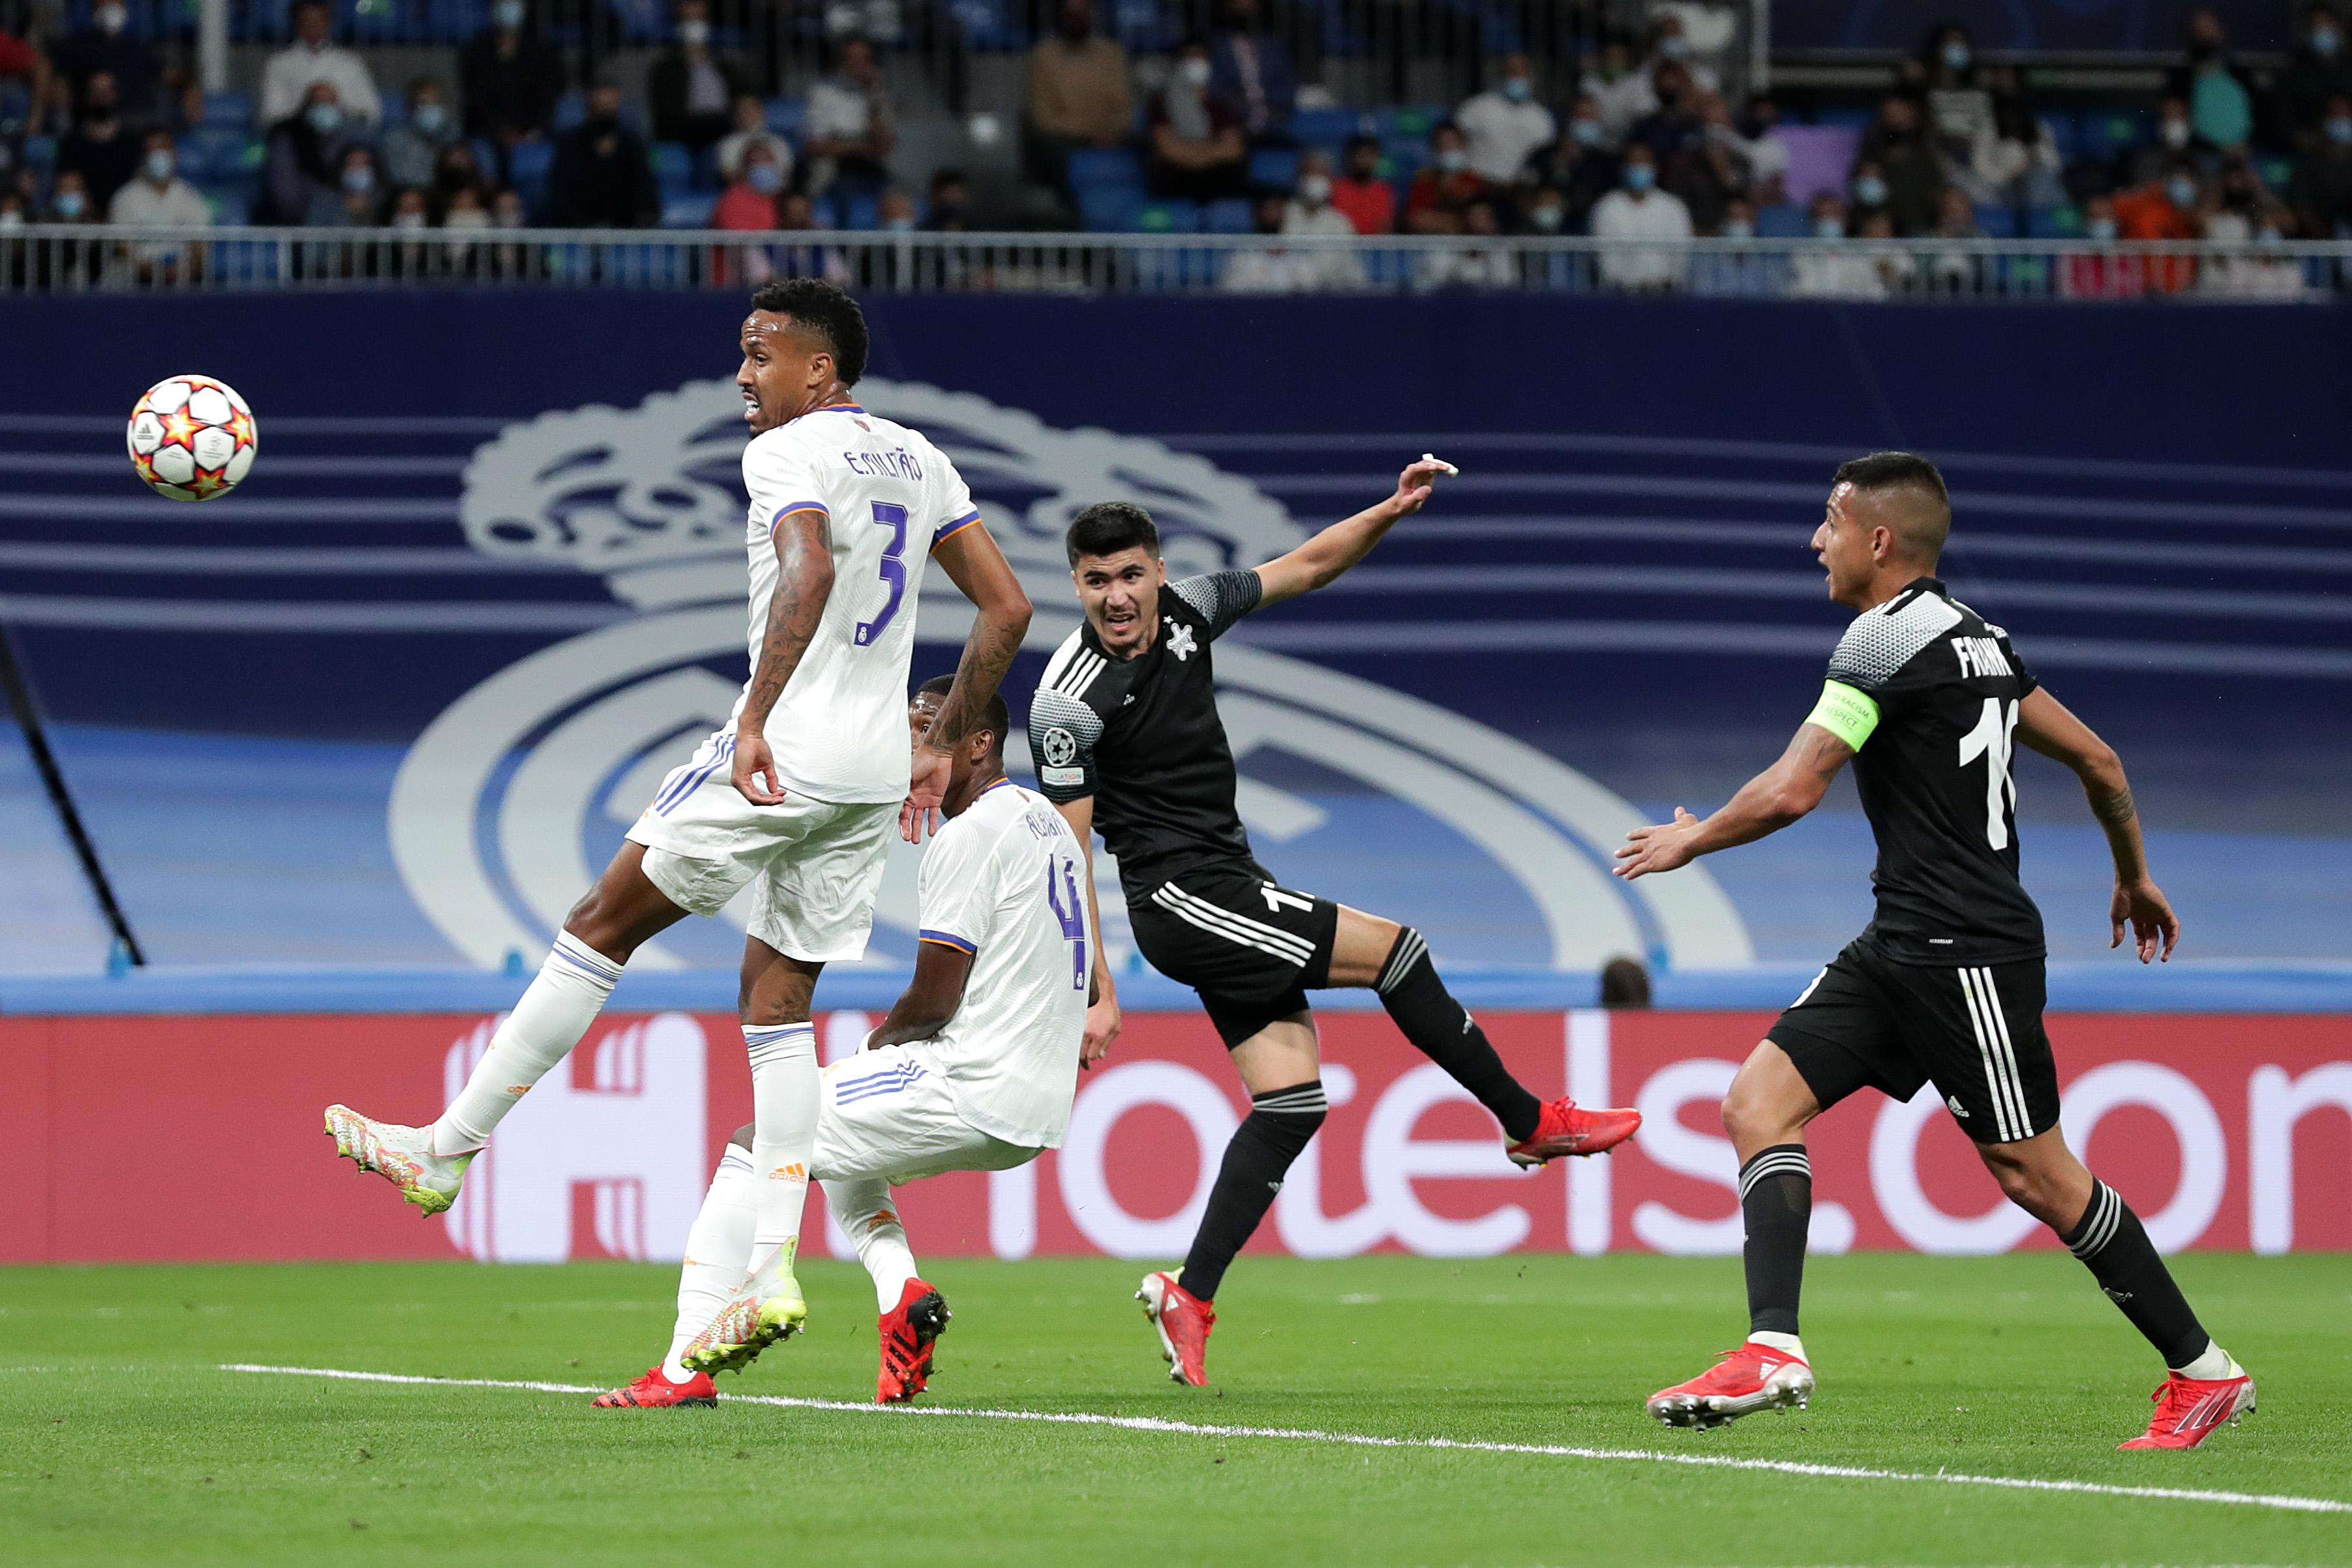 هدف شيريف الأول ضد ريال مدريد